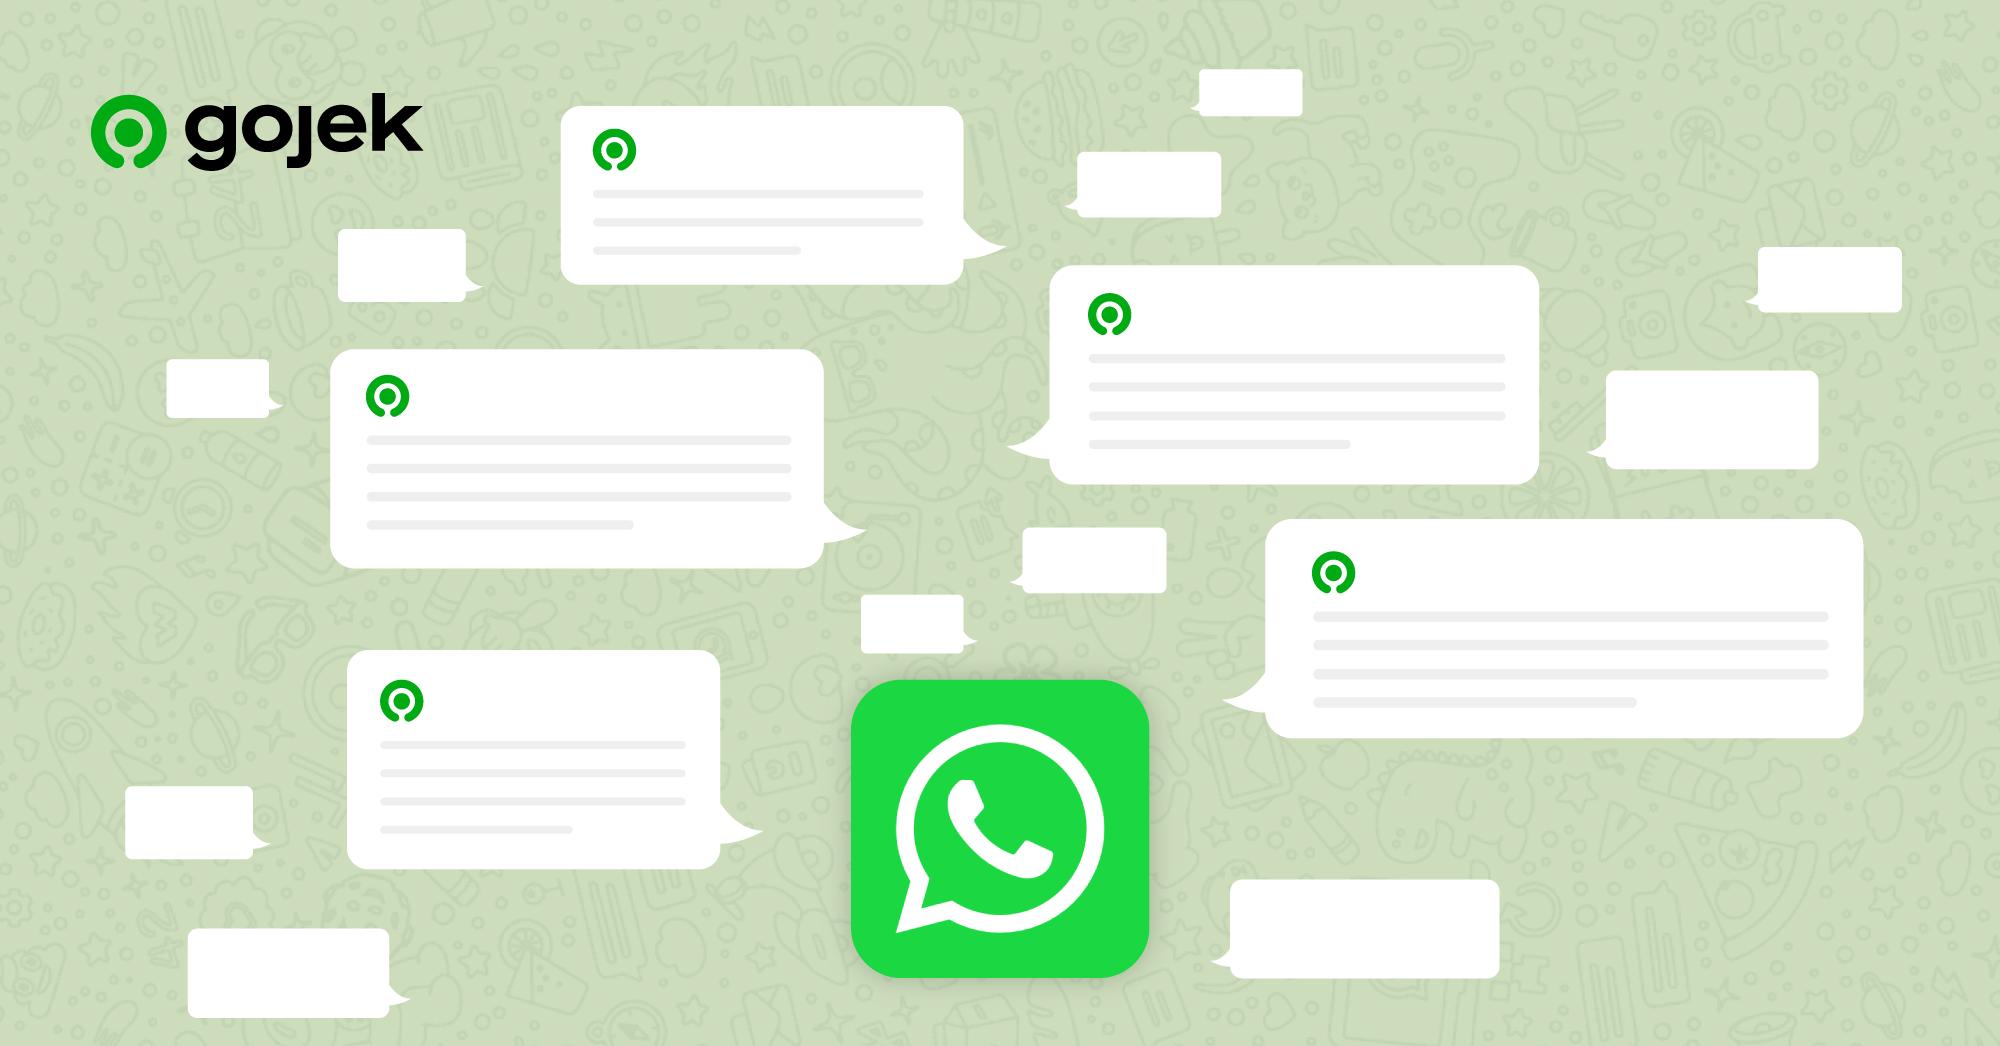 WhatsApp <> Gojek - An experiment